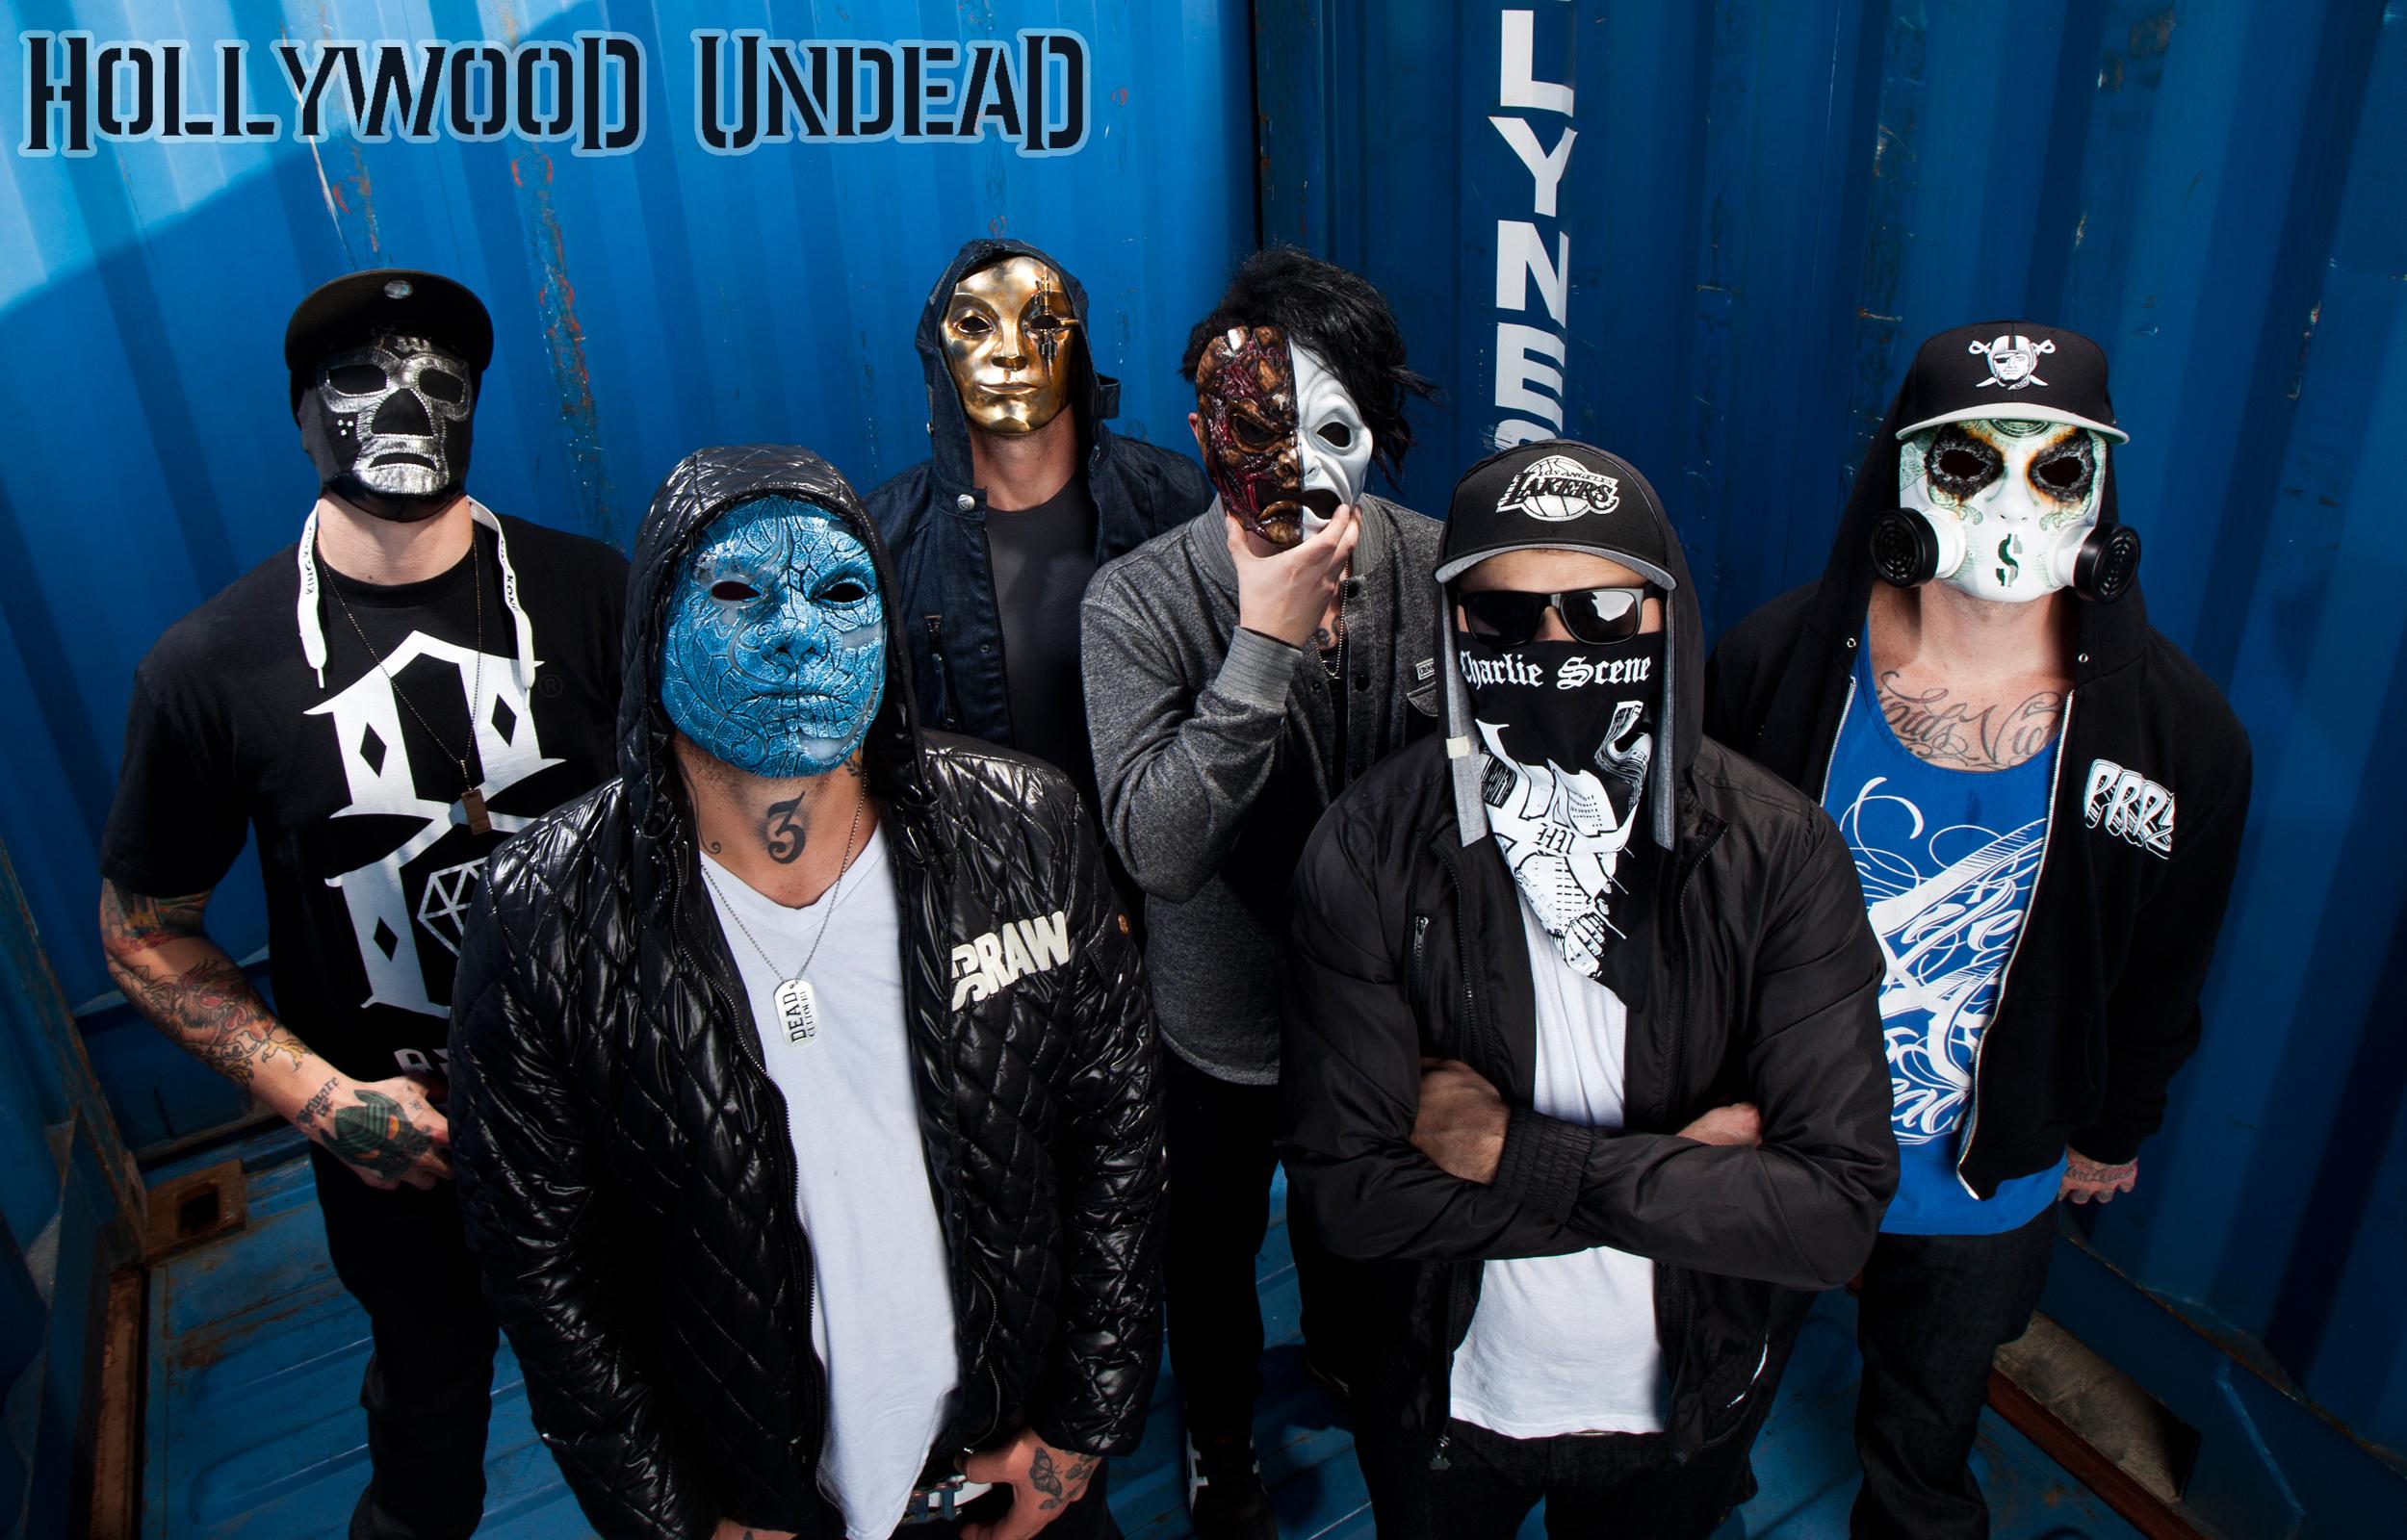 что время фото группы пацанов в масках продаже теплая